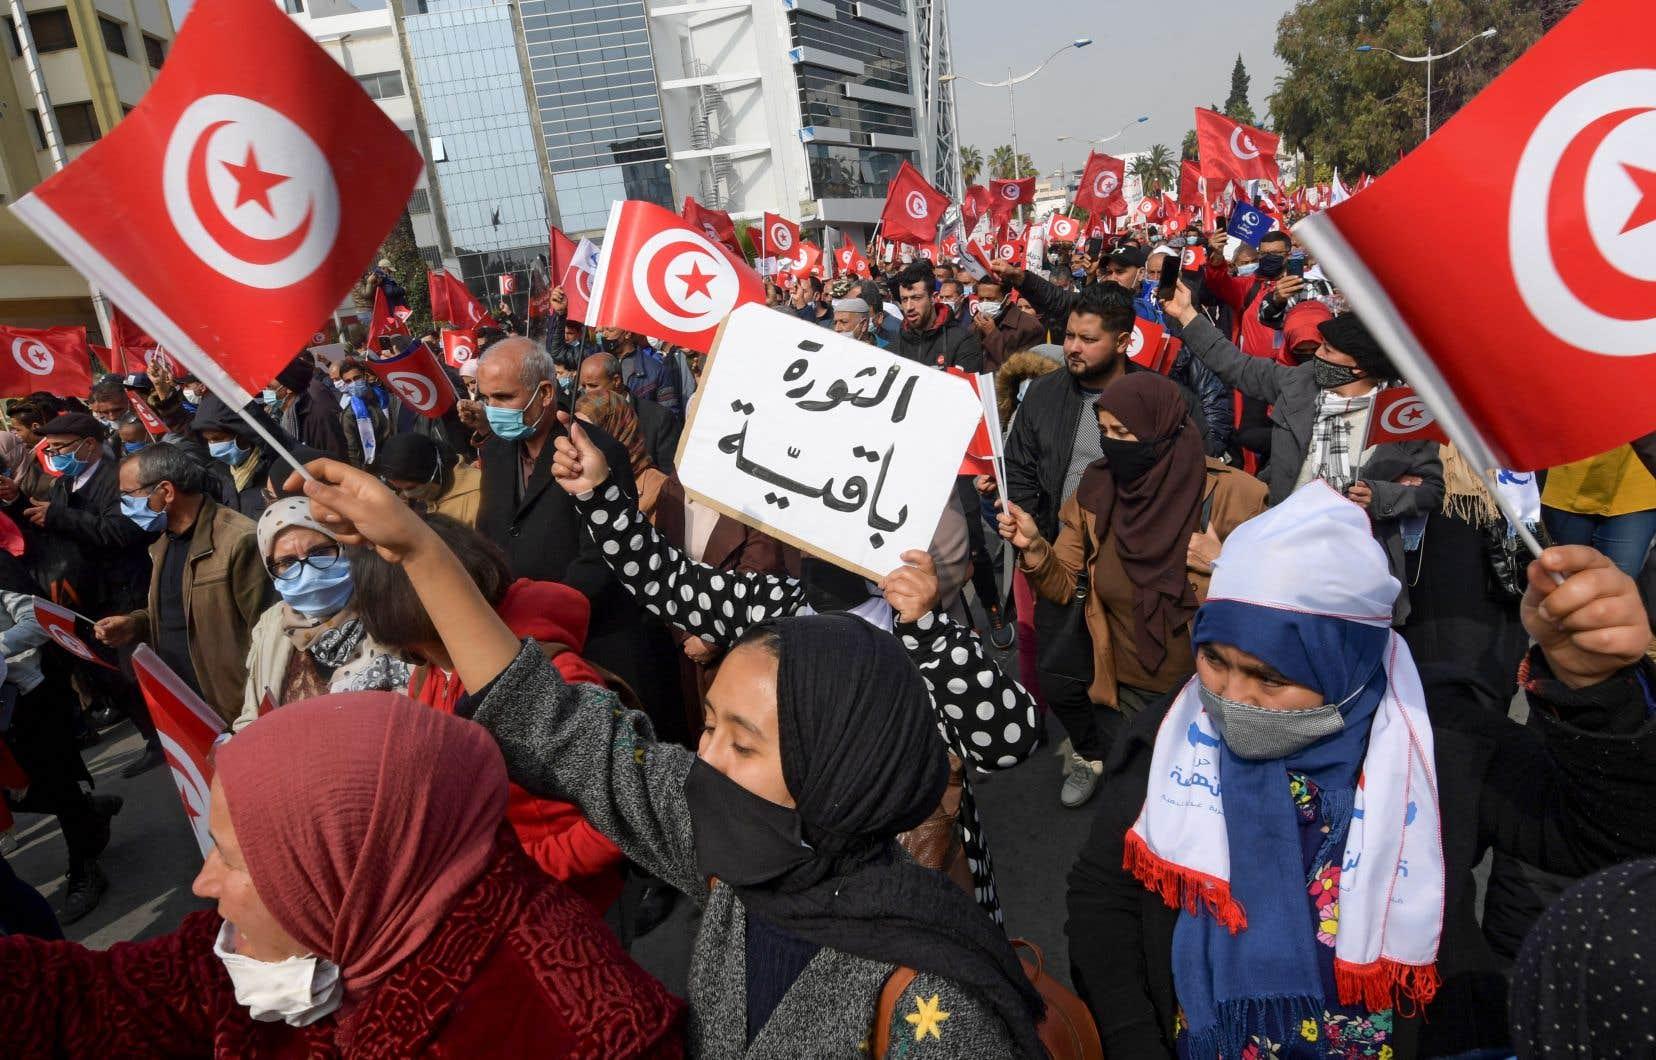 «Le peuple veut l'unité nationale», ont scandé des partisans d'Ennahdha, agitant des drapeaux à Tunis.